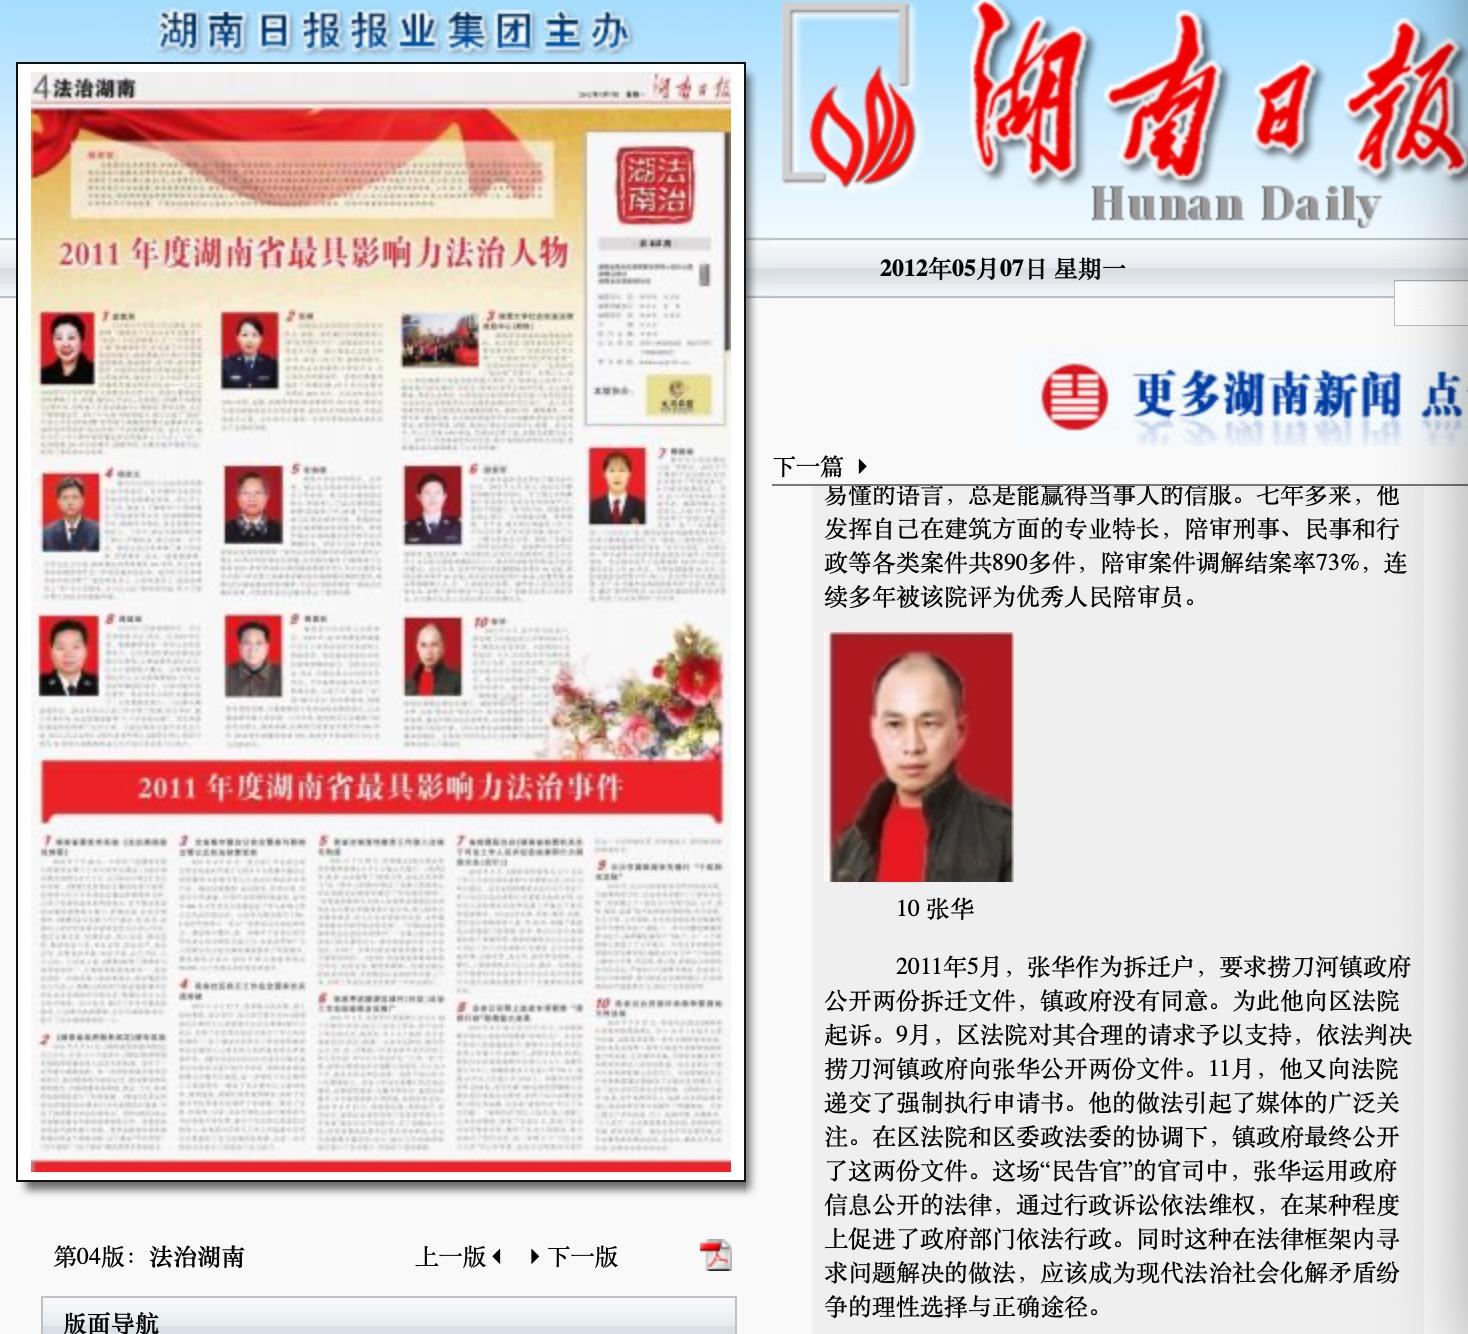 张华当选2010年度湖南法治人物。来源:湖南日报电子版